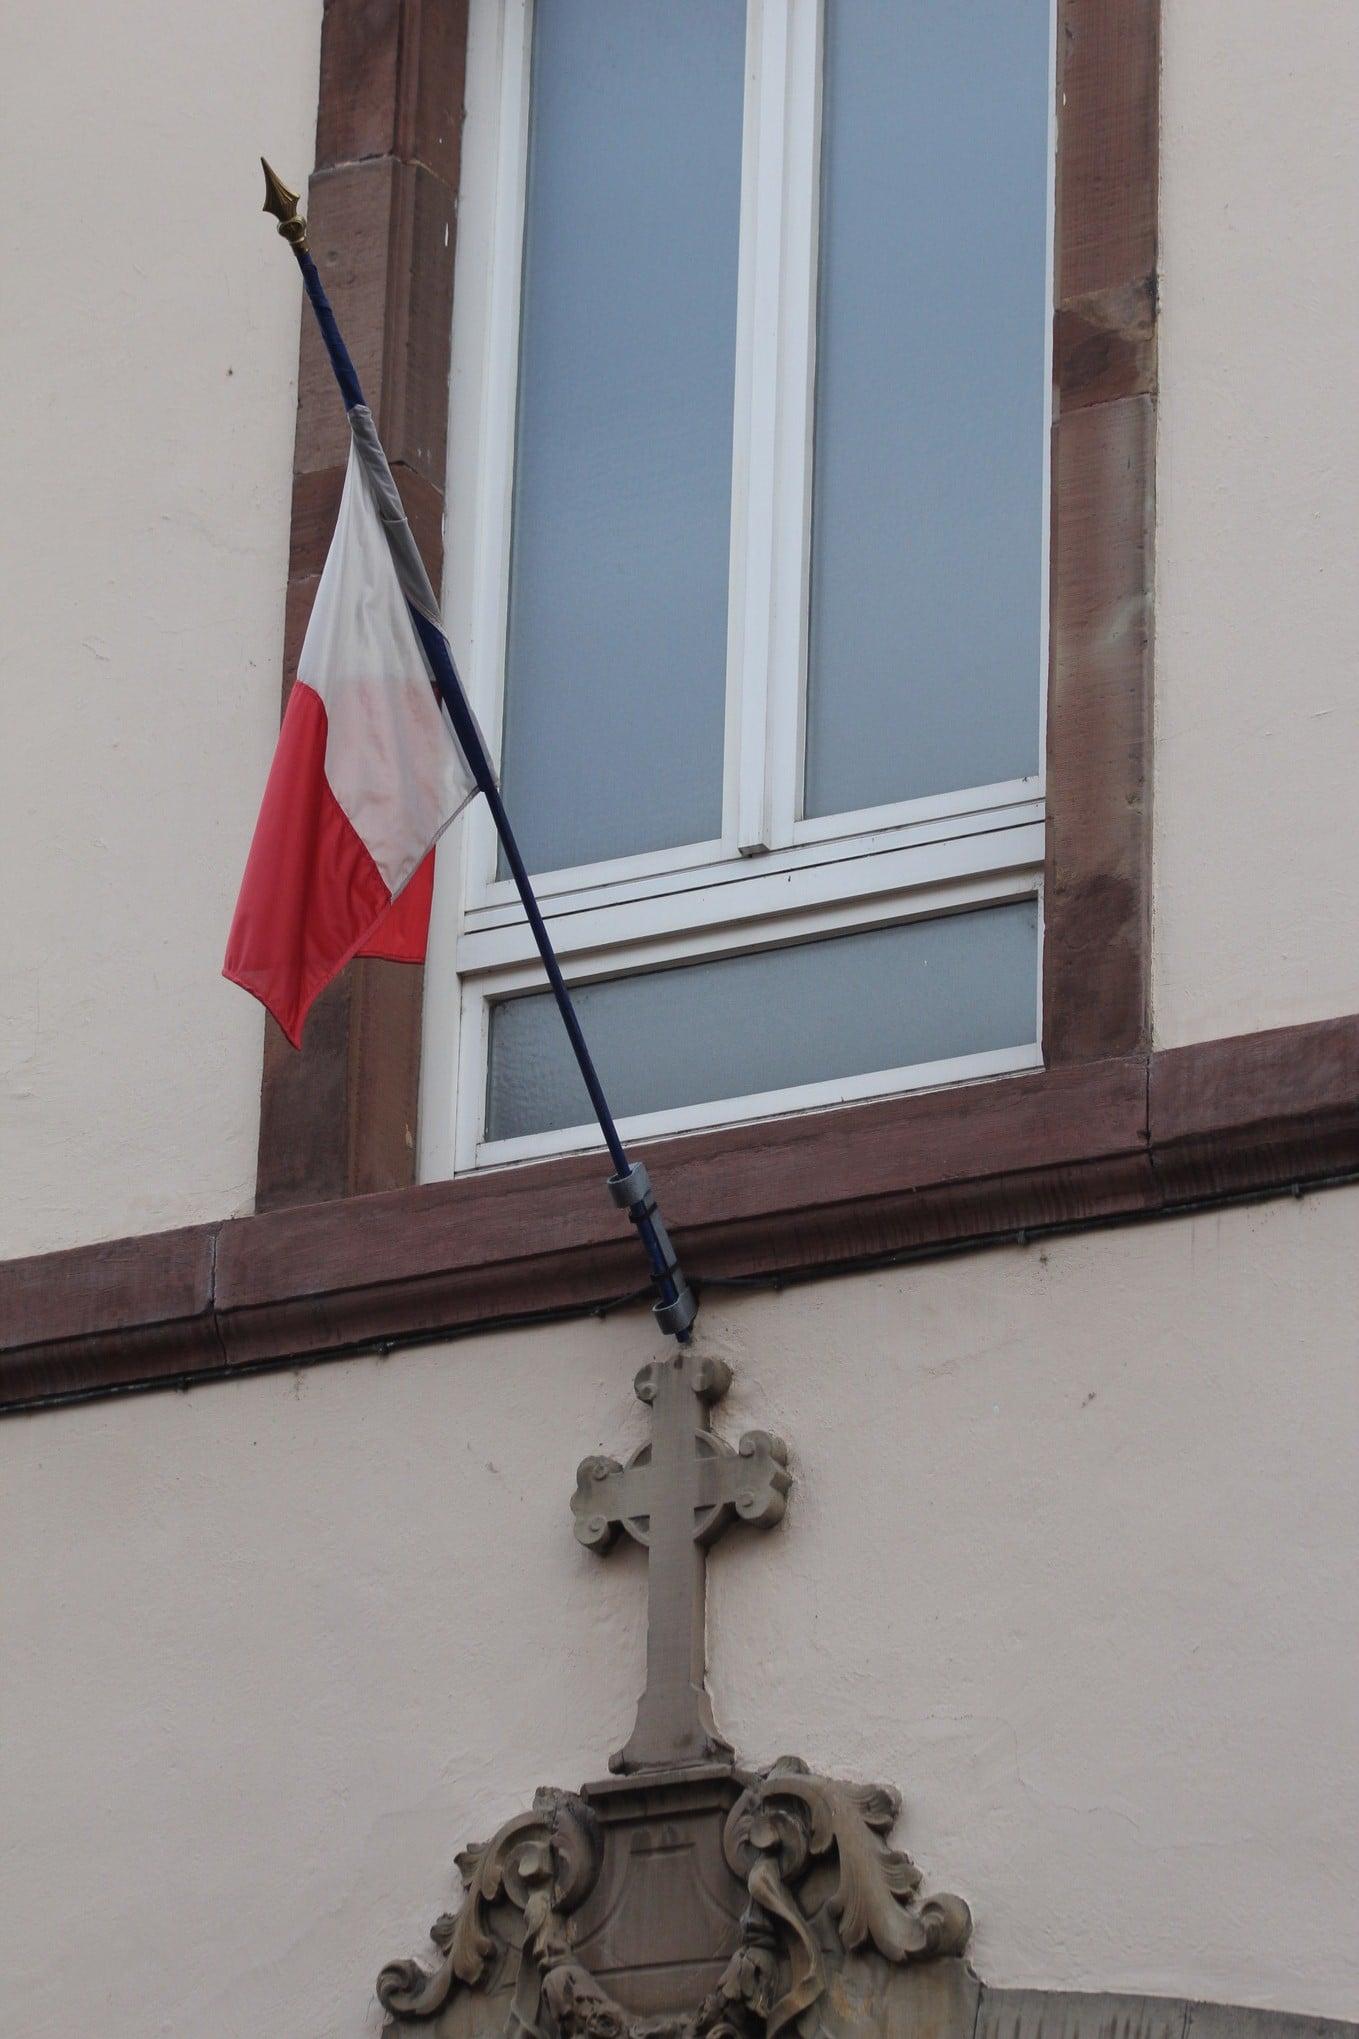 Rencontre Coquine Sur Montpellier Avec Femme Chaude